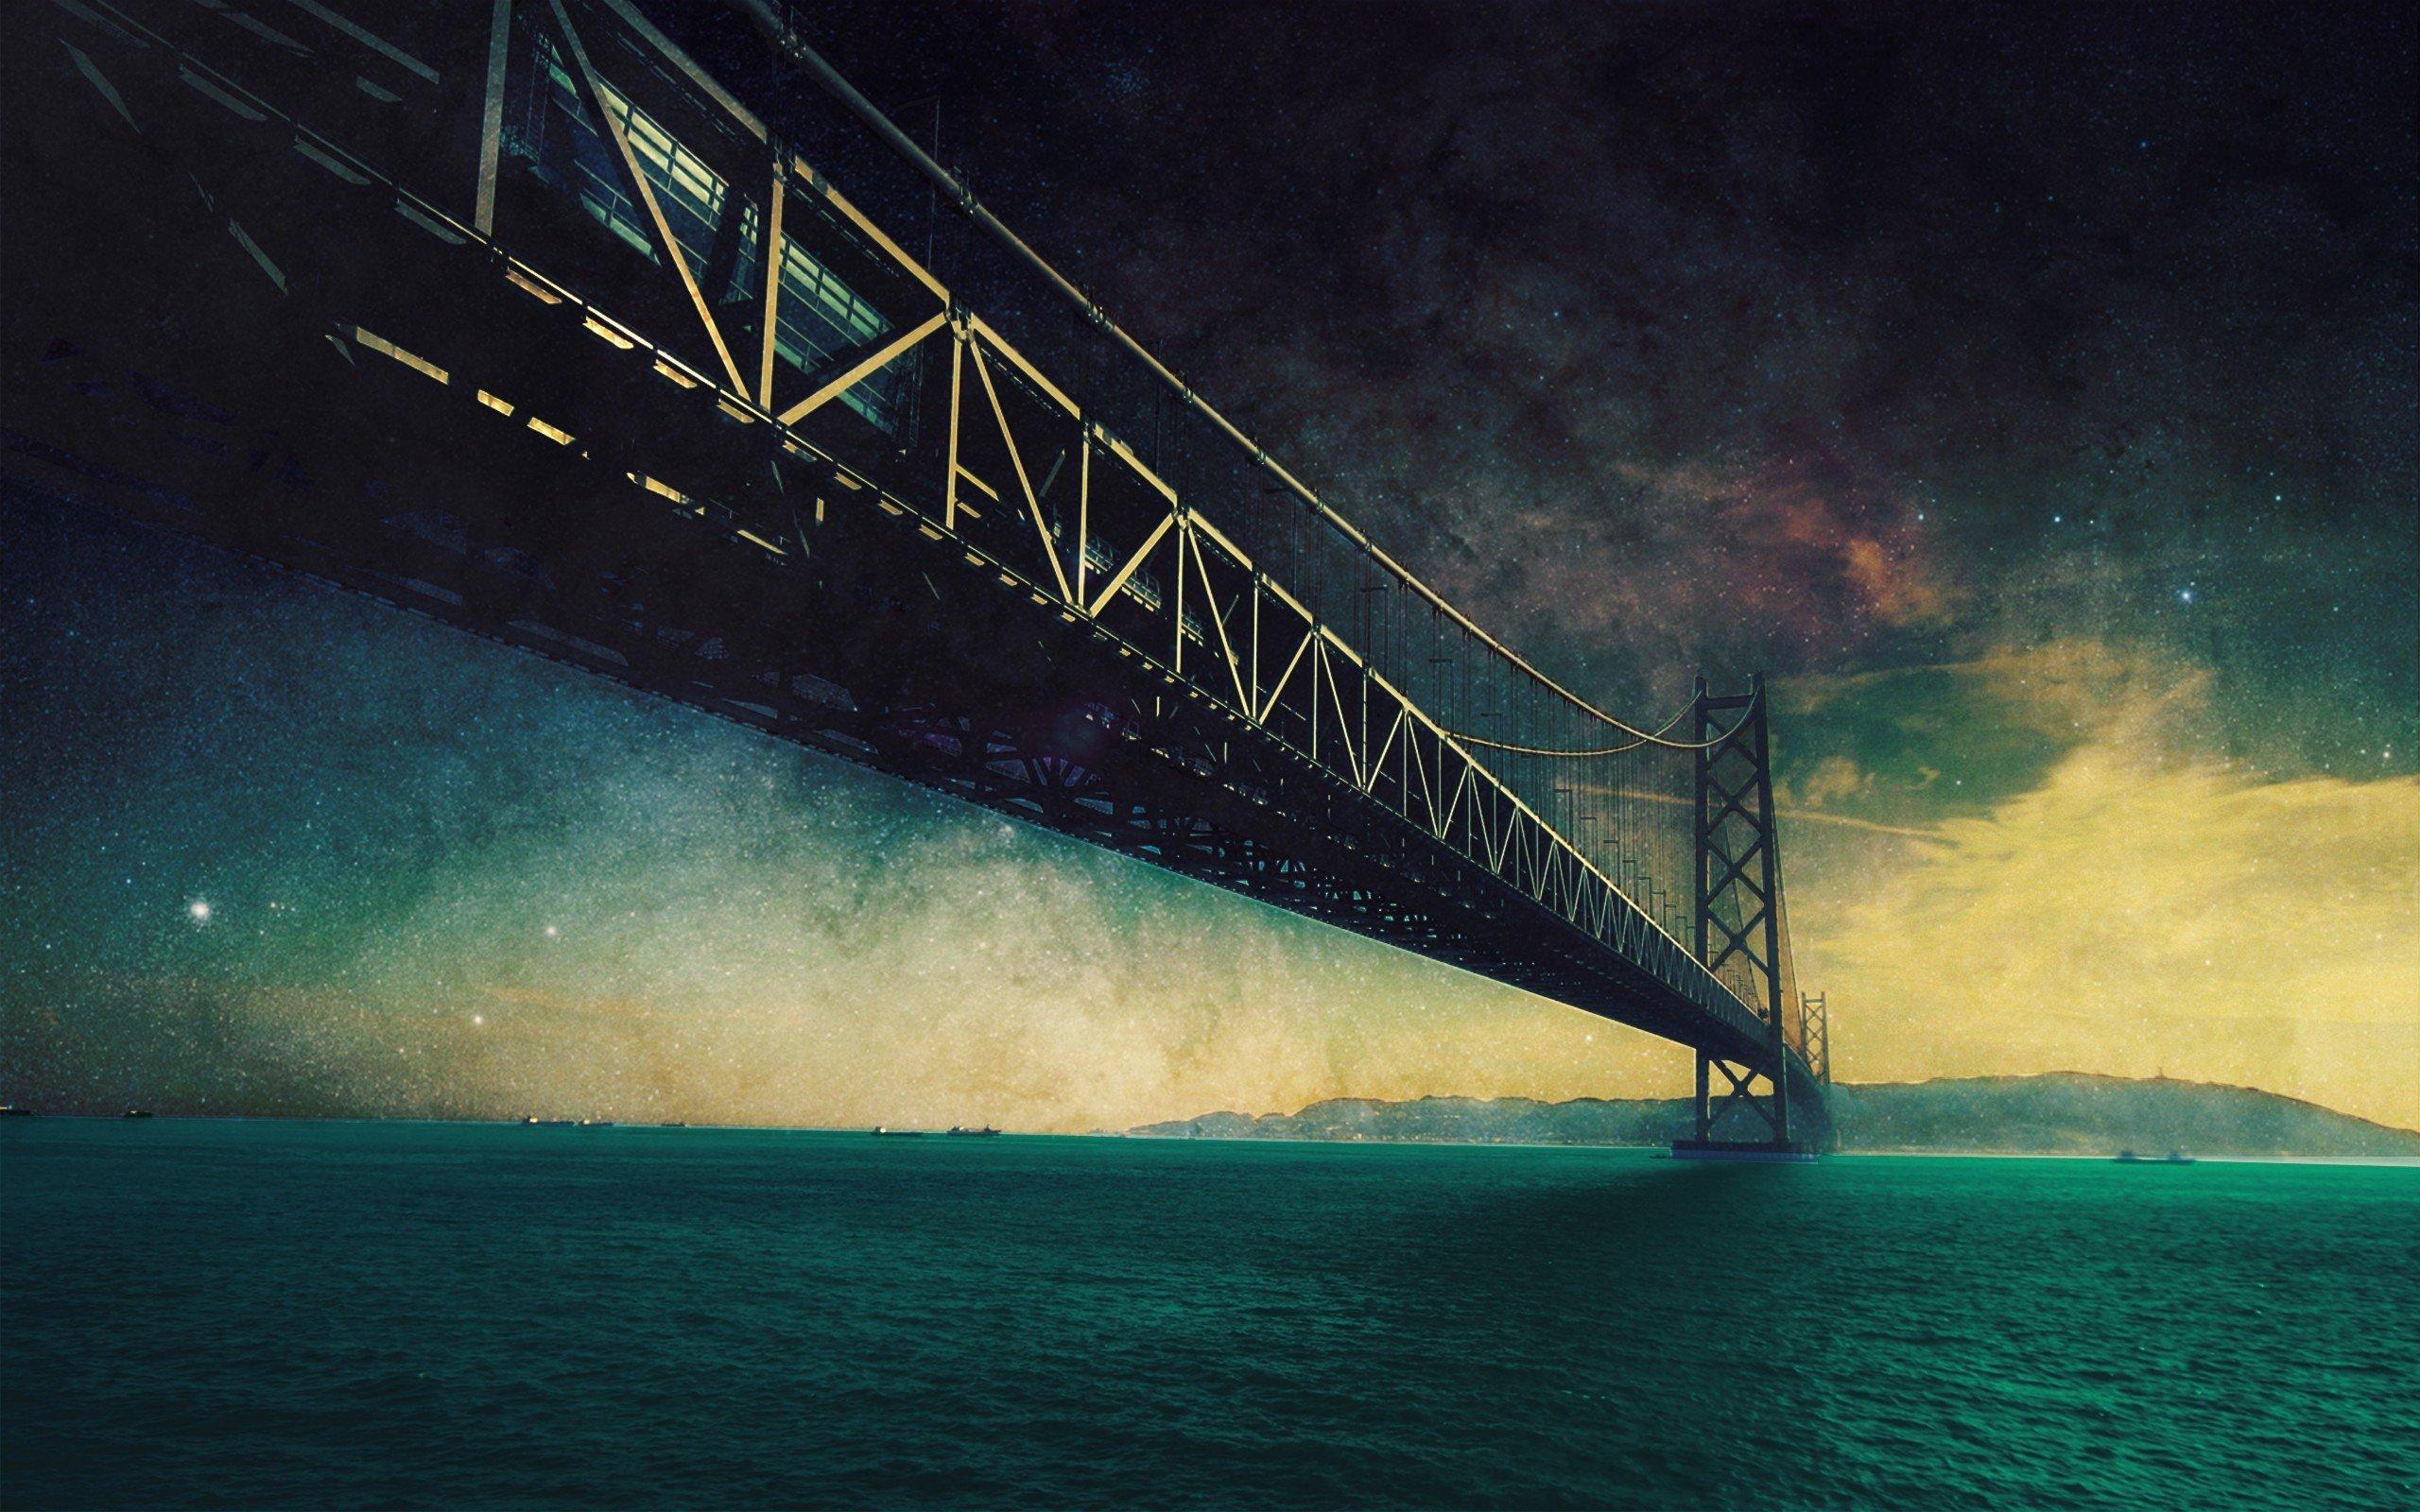 смысл моста на картинке хорошо заводится